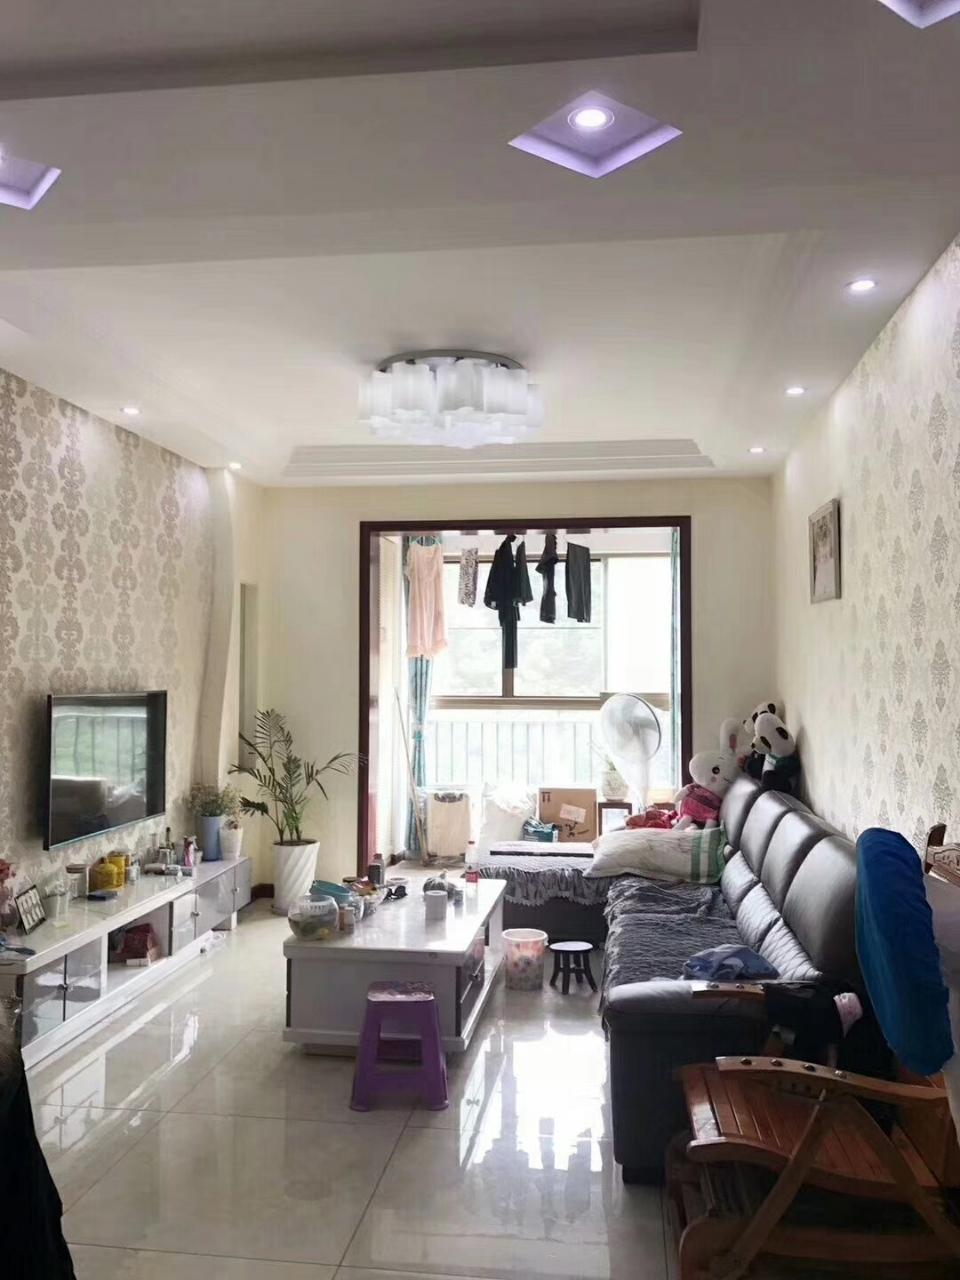 晋鹏·山台山3室2厅2卫54.8万元